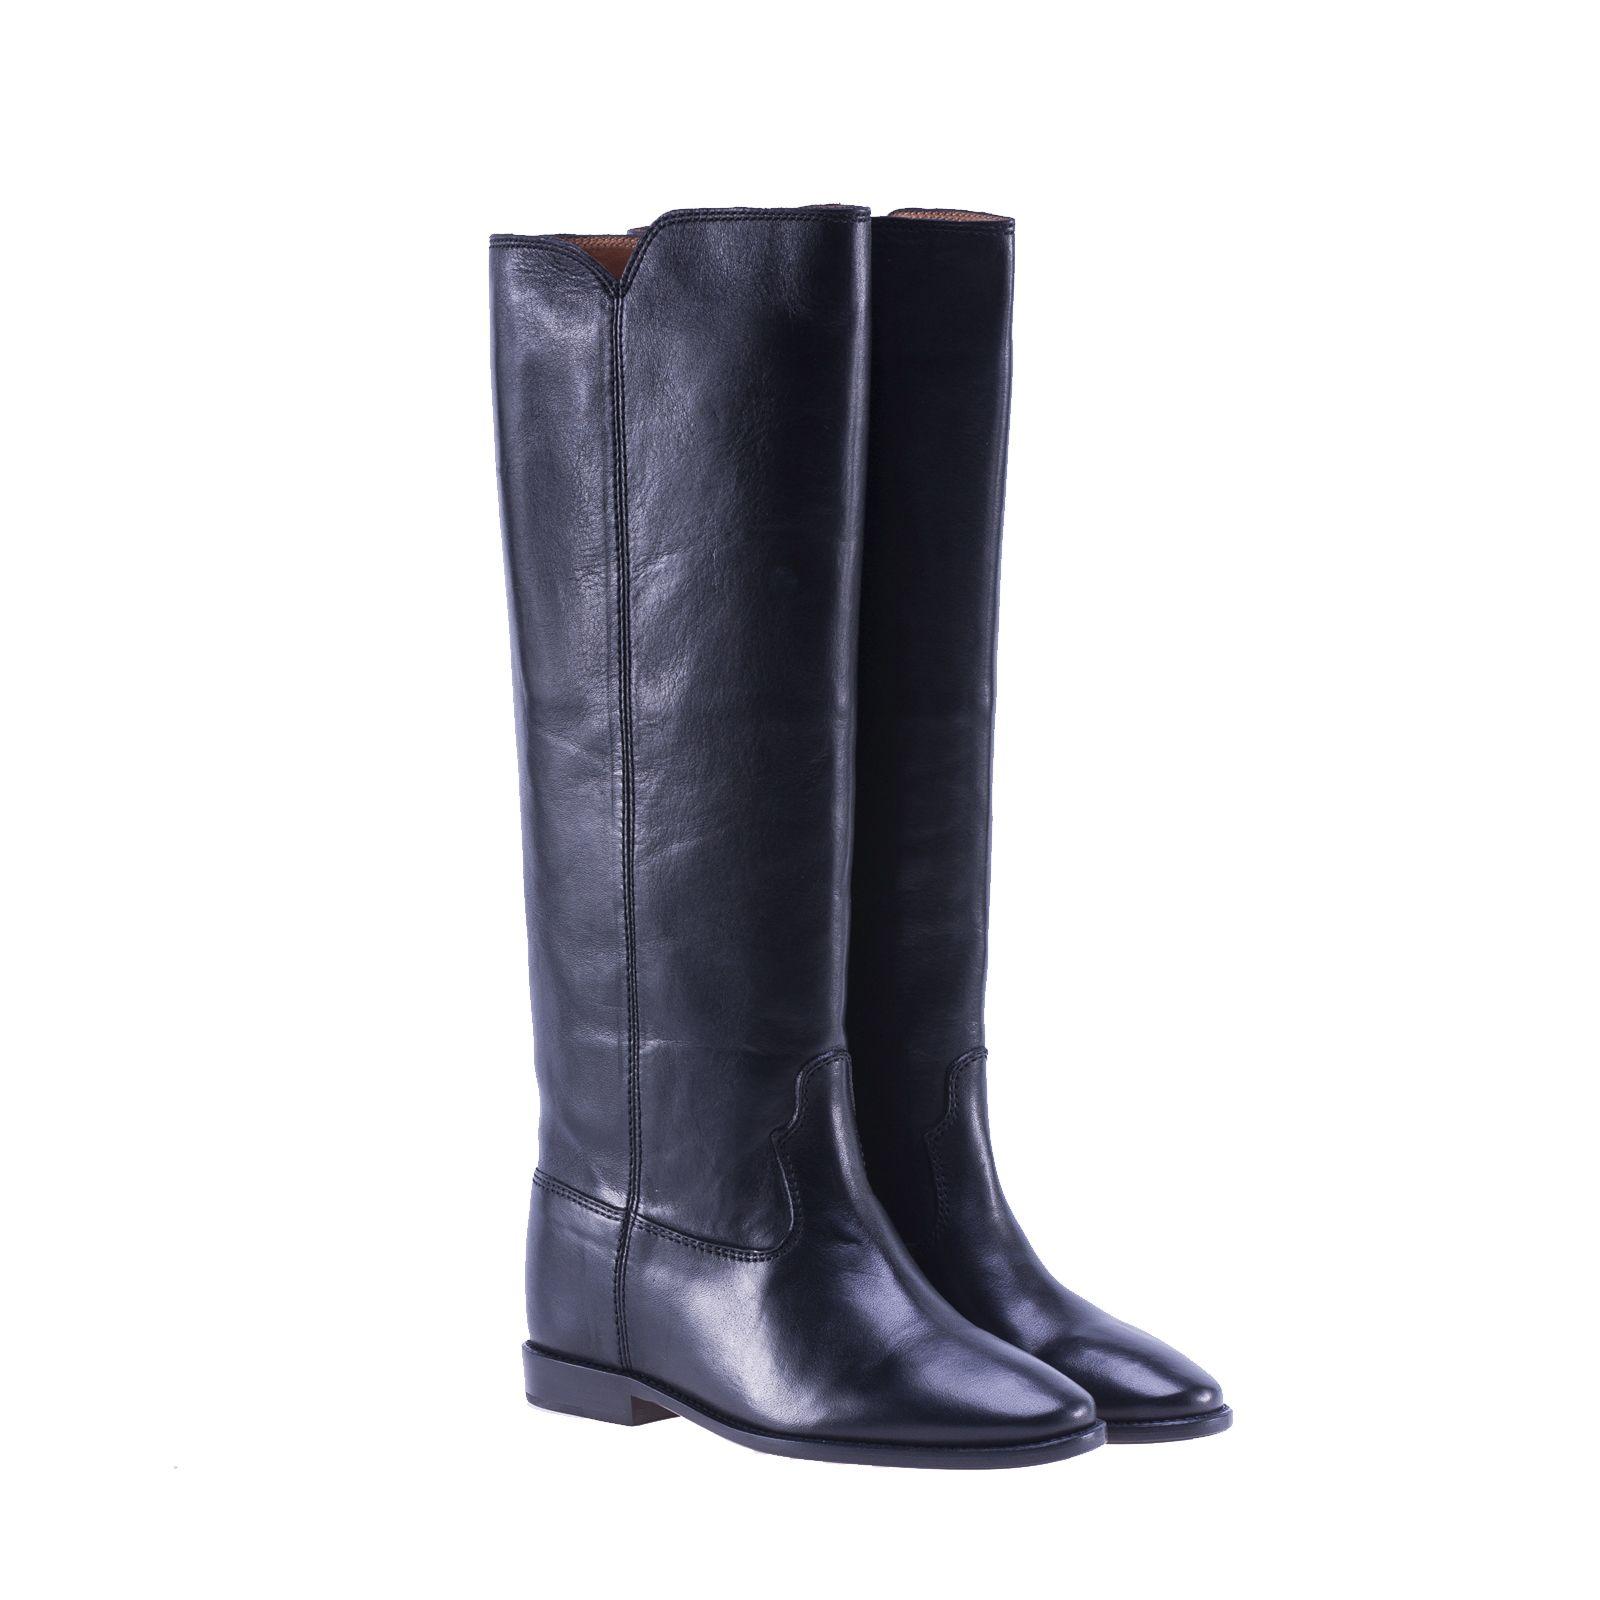 Isabel Marant Calf-high Boots